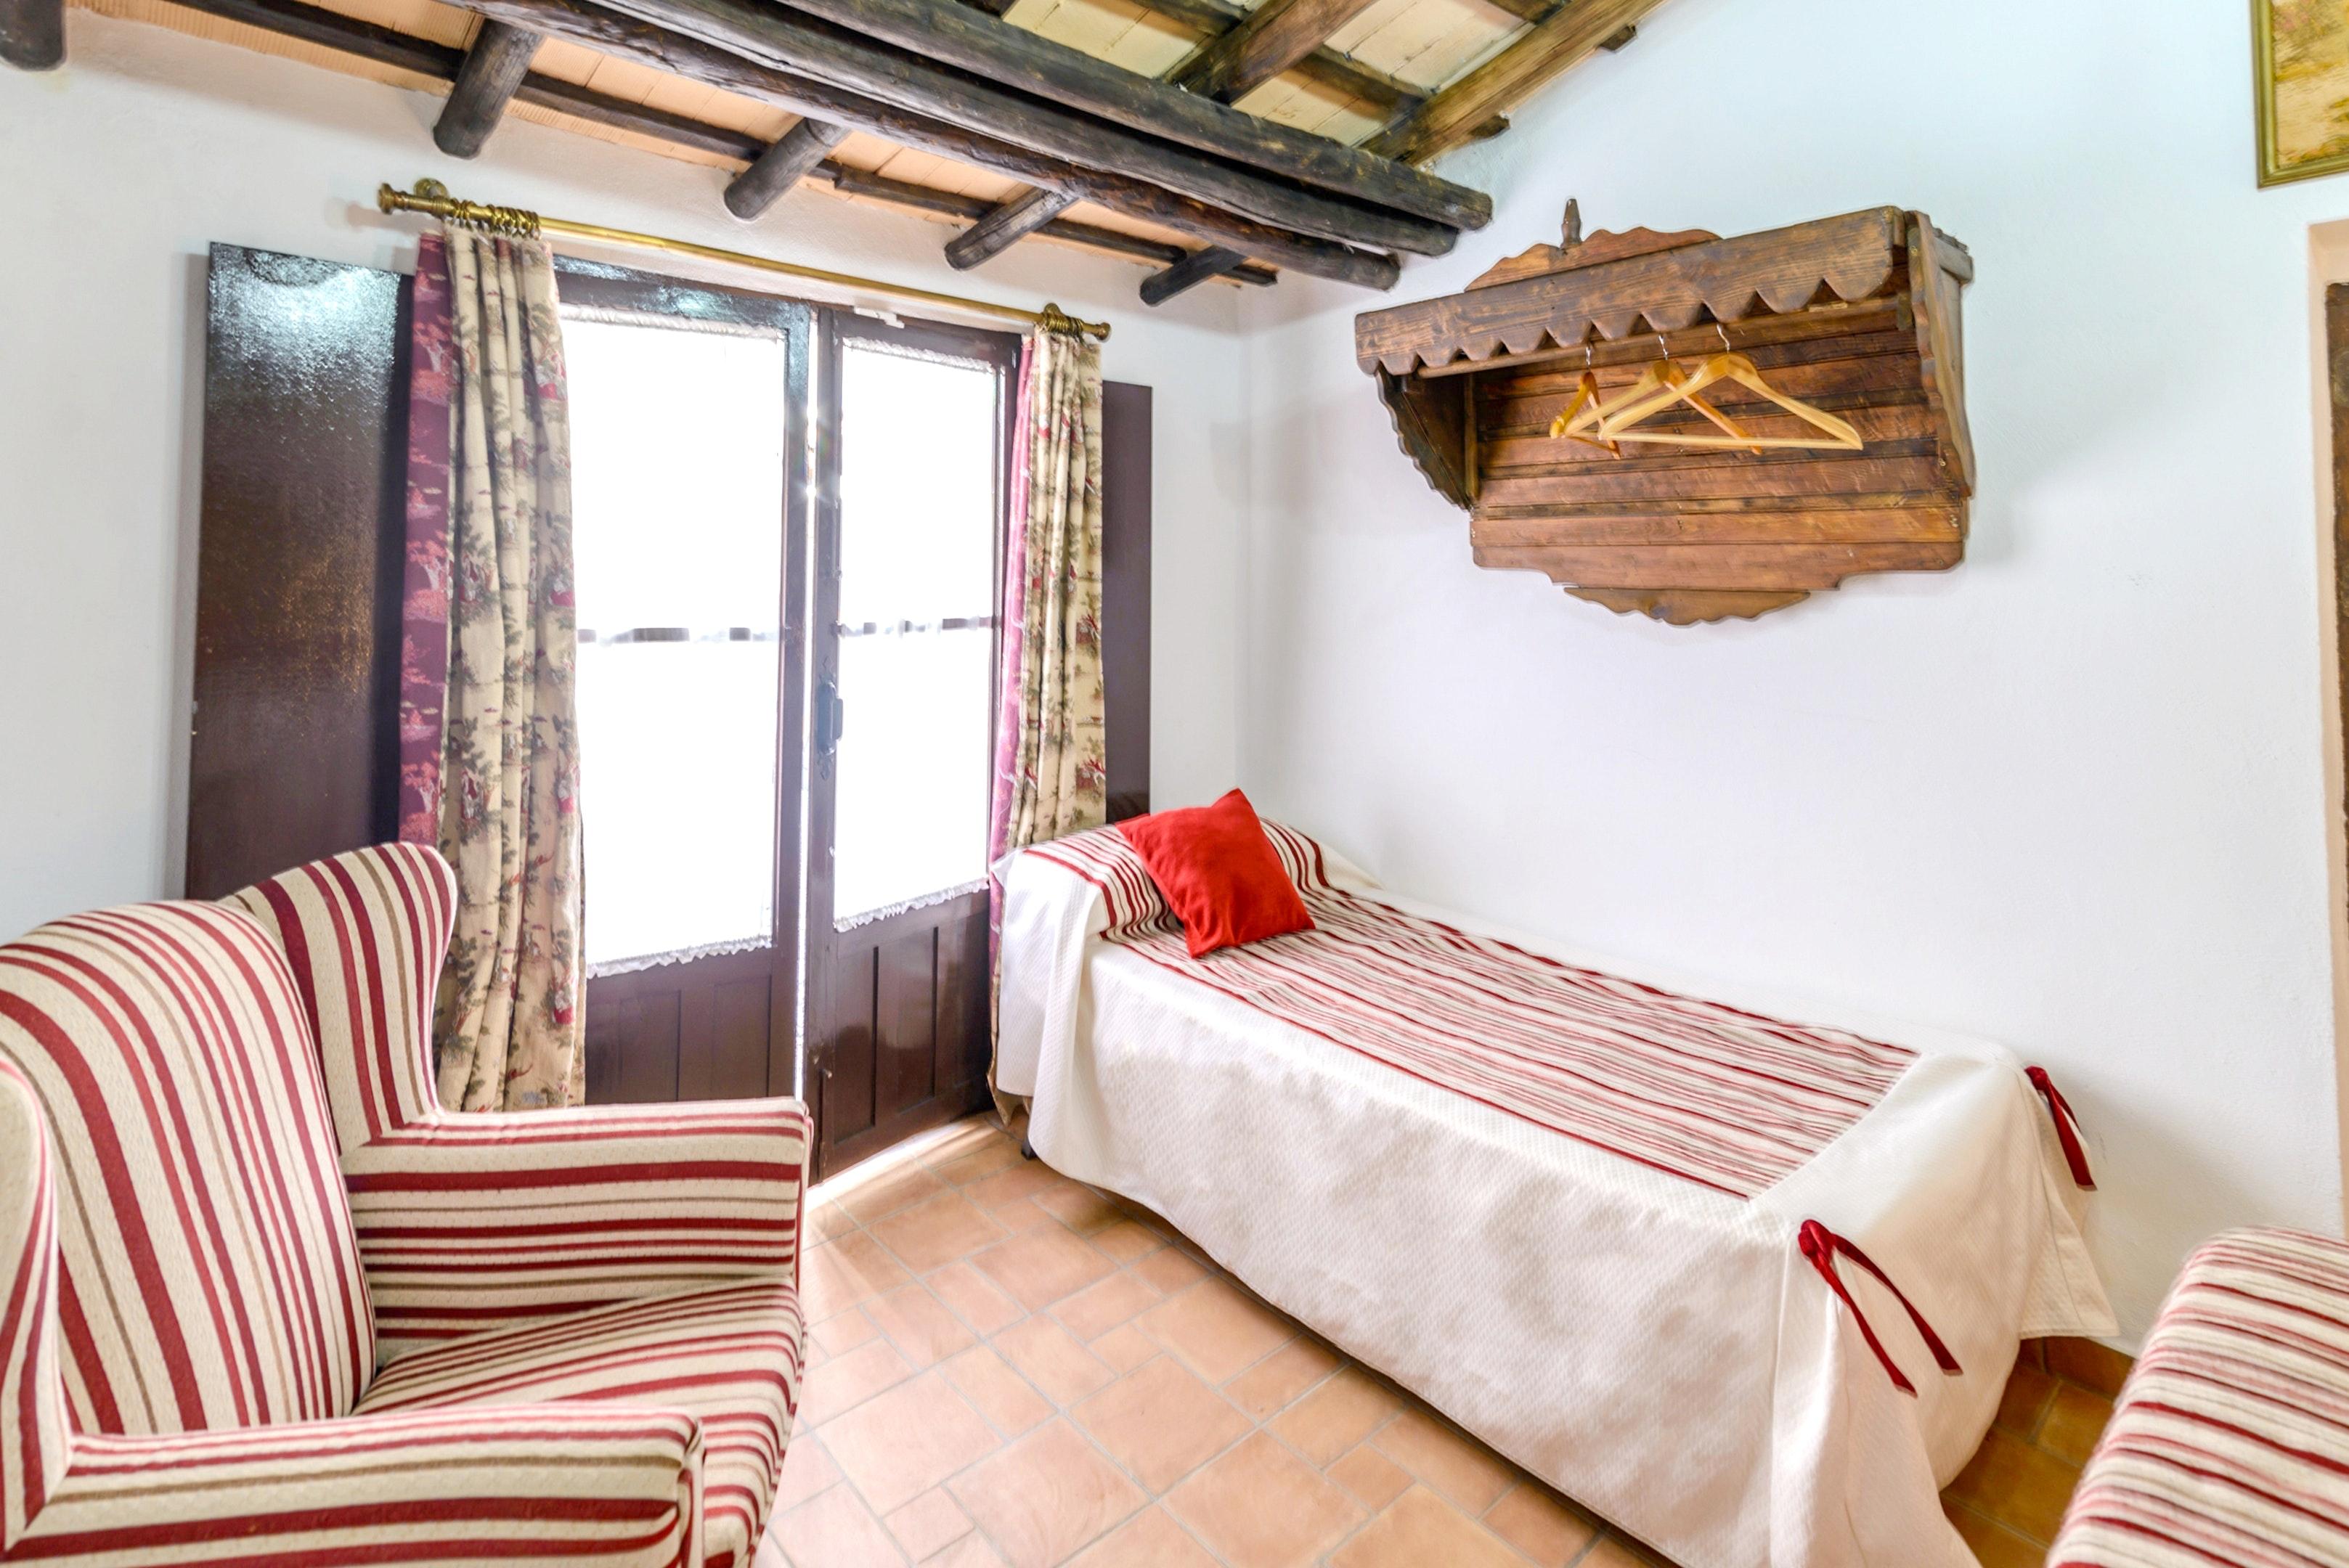 Ferienhaus Villa mit 3 Schlafzimmern in Peñaflor mit privatem Pool, eingezäuntem Garten und W-LAN (2208249), Peñaflor, Sevilla, Andalusien, Spanien, Bild 52